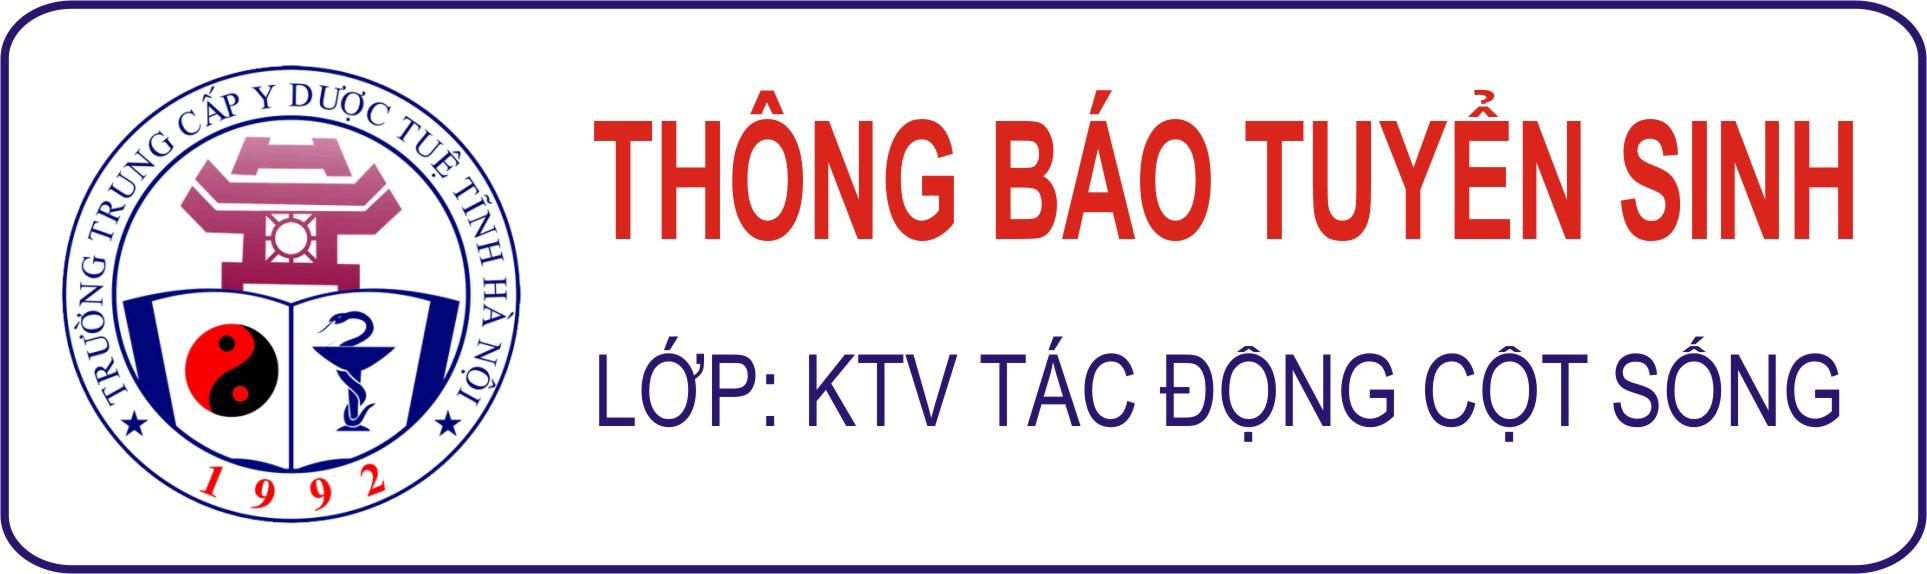 Trường Trung cấp Y Dược Tuệ Tĩnh Hà Nội tuyển sinh lớp KTV Tác Động Cột Sống năm 2021 tại Tỉnh Kiên Giang